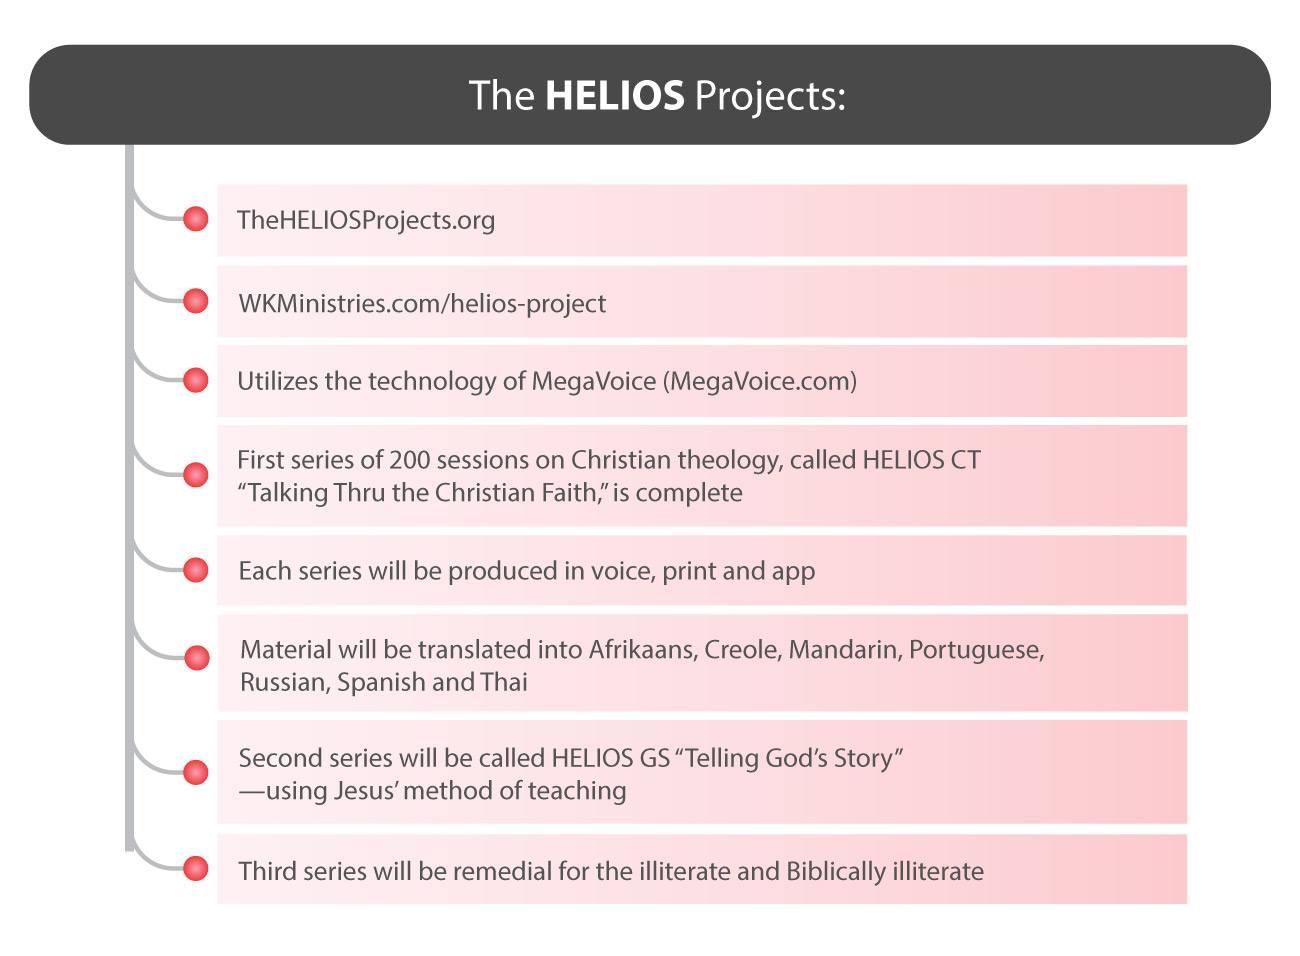 100116-blog-add-scharf-kroll-helios